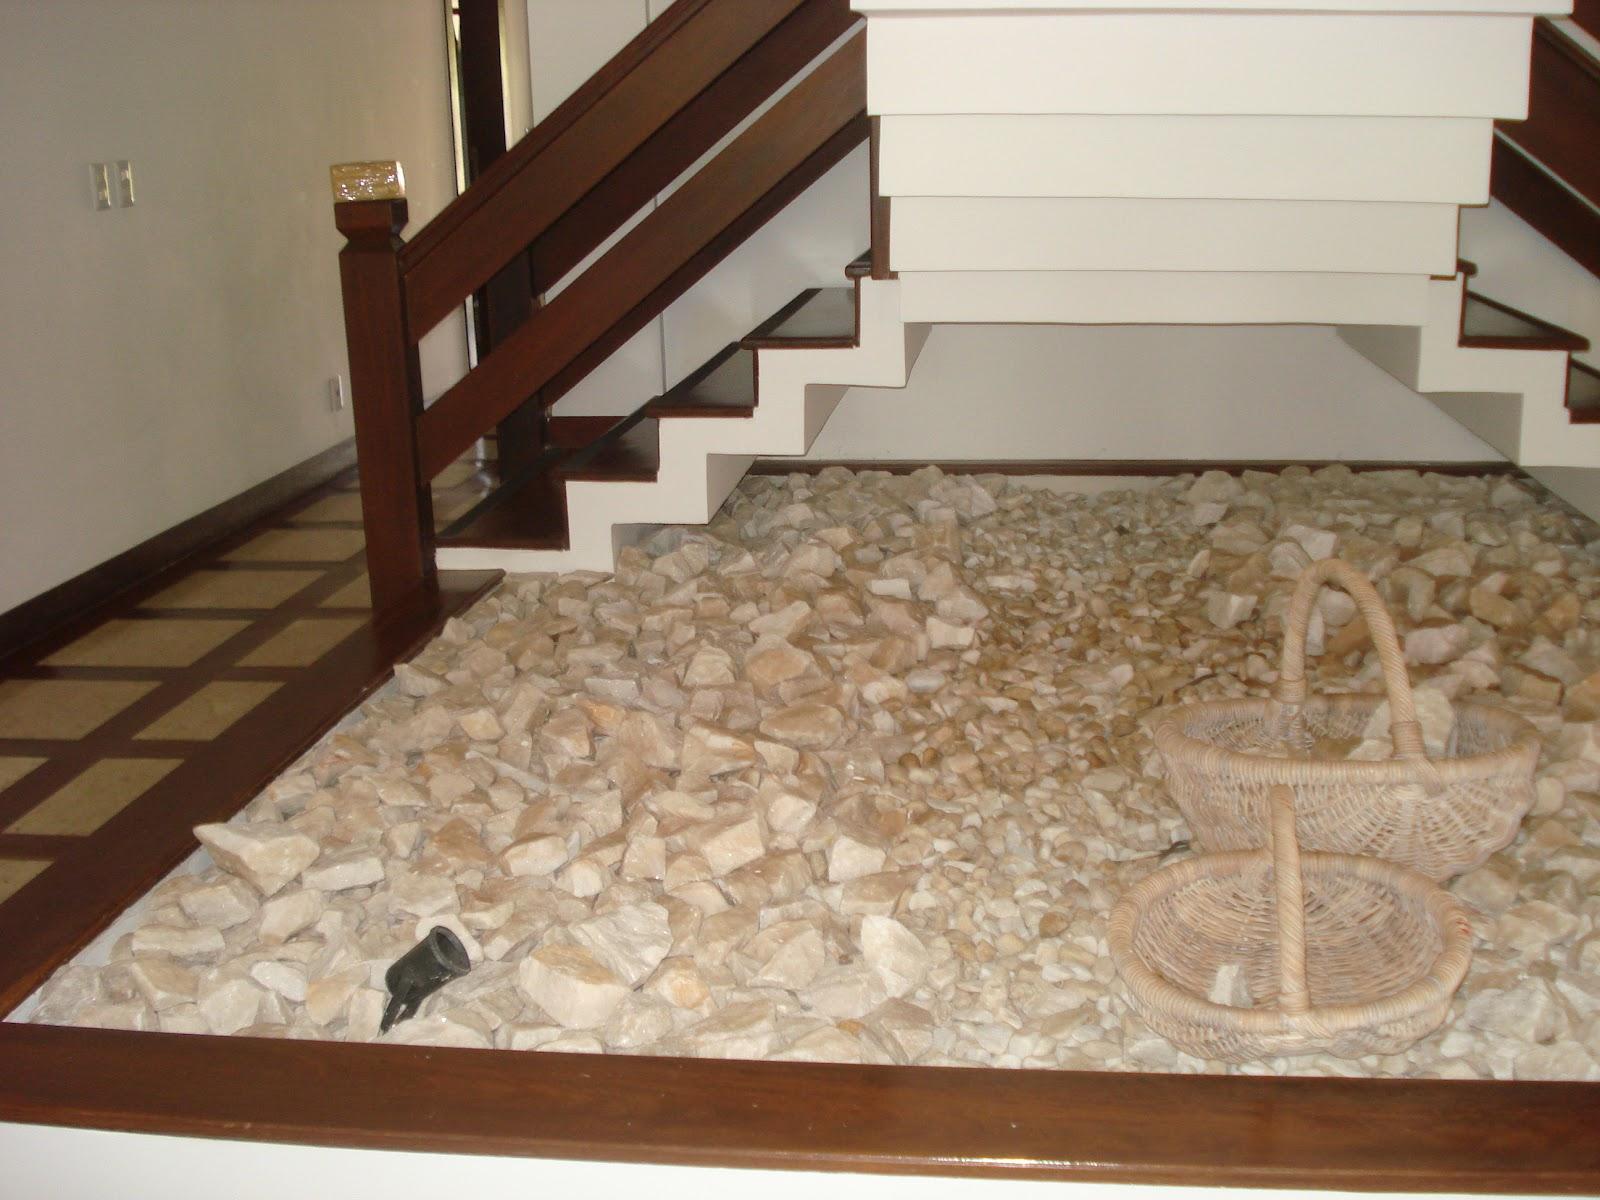 pedras grandes jardim : pedras grandes jardim:Ateliê Jardim: Arte e Paisagismo: Jardim de inverno sob a escada